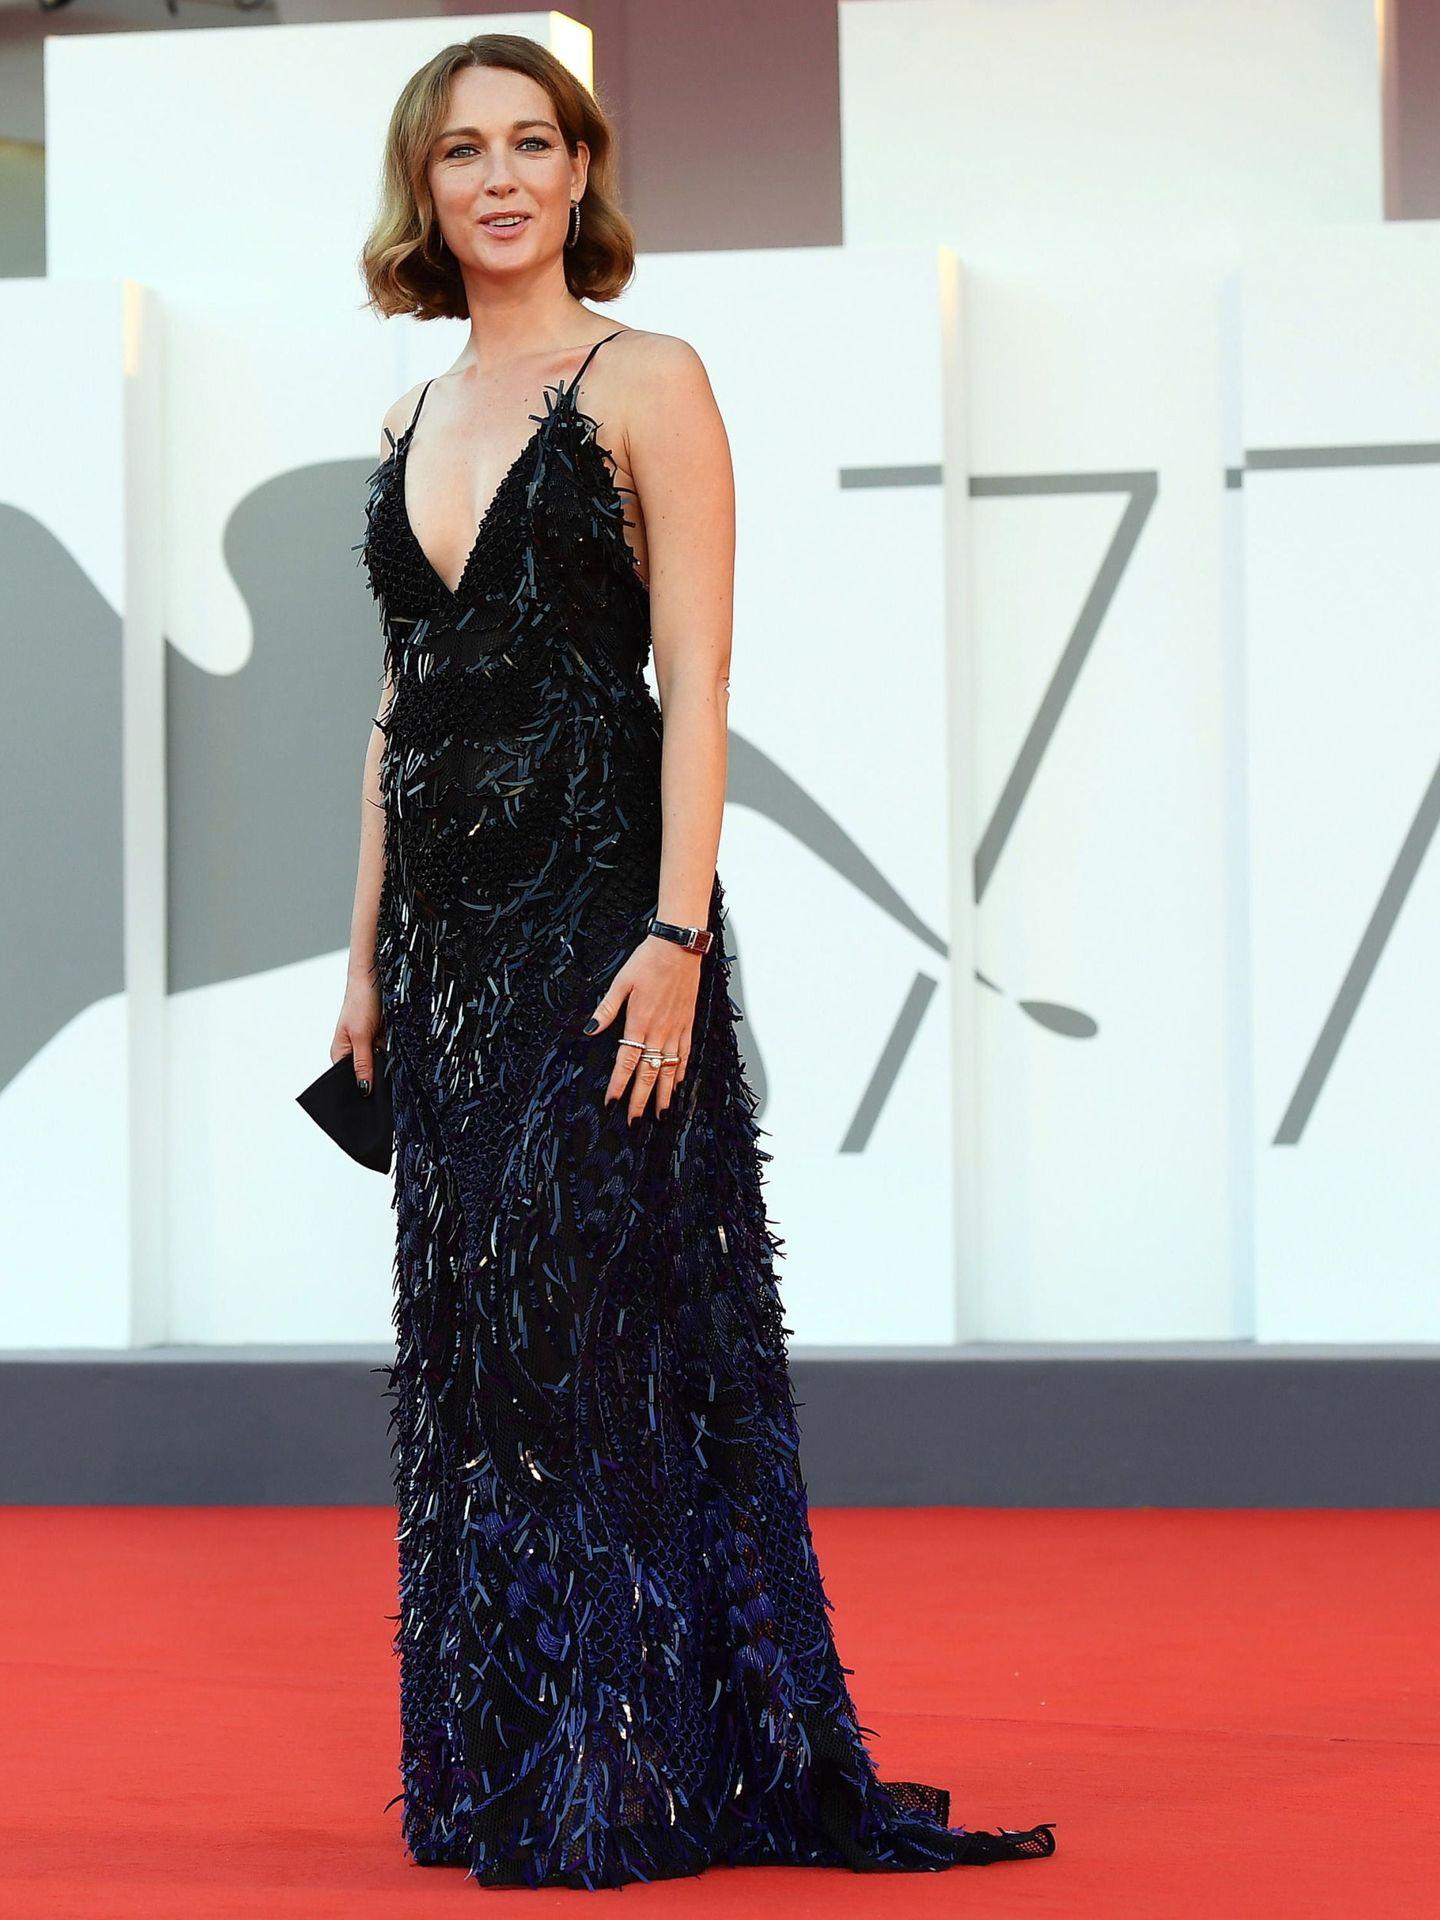 La actriz Cristiana Capotondi, en el estreno de 'Miss Marx' con vestido negro de plumas. (EFE)